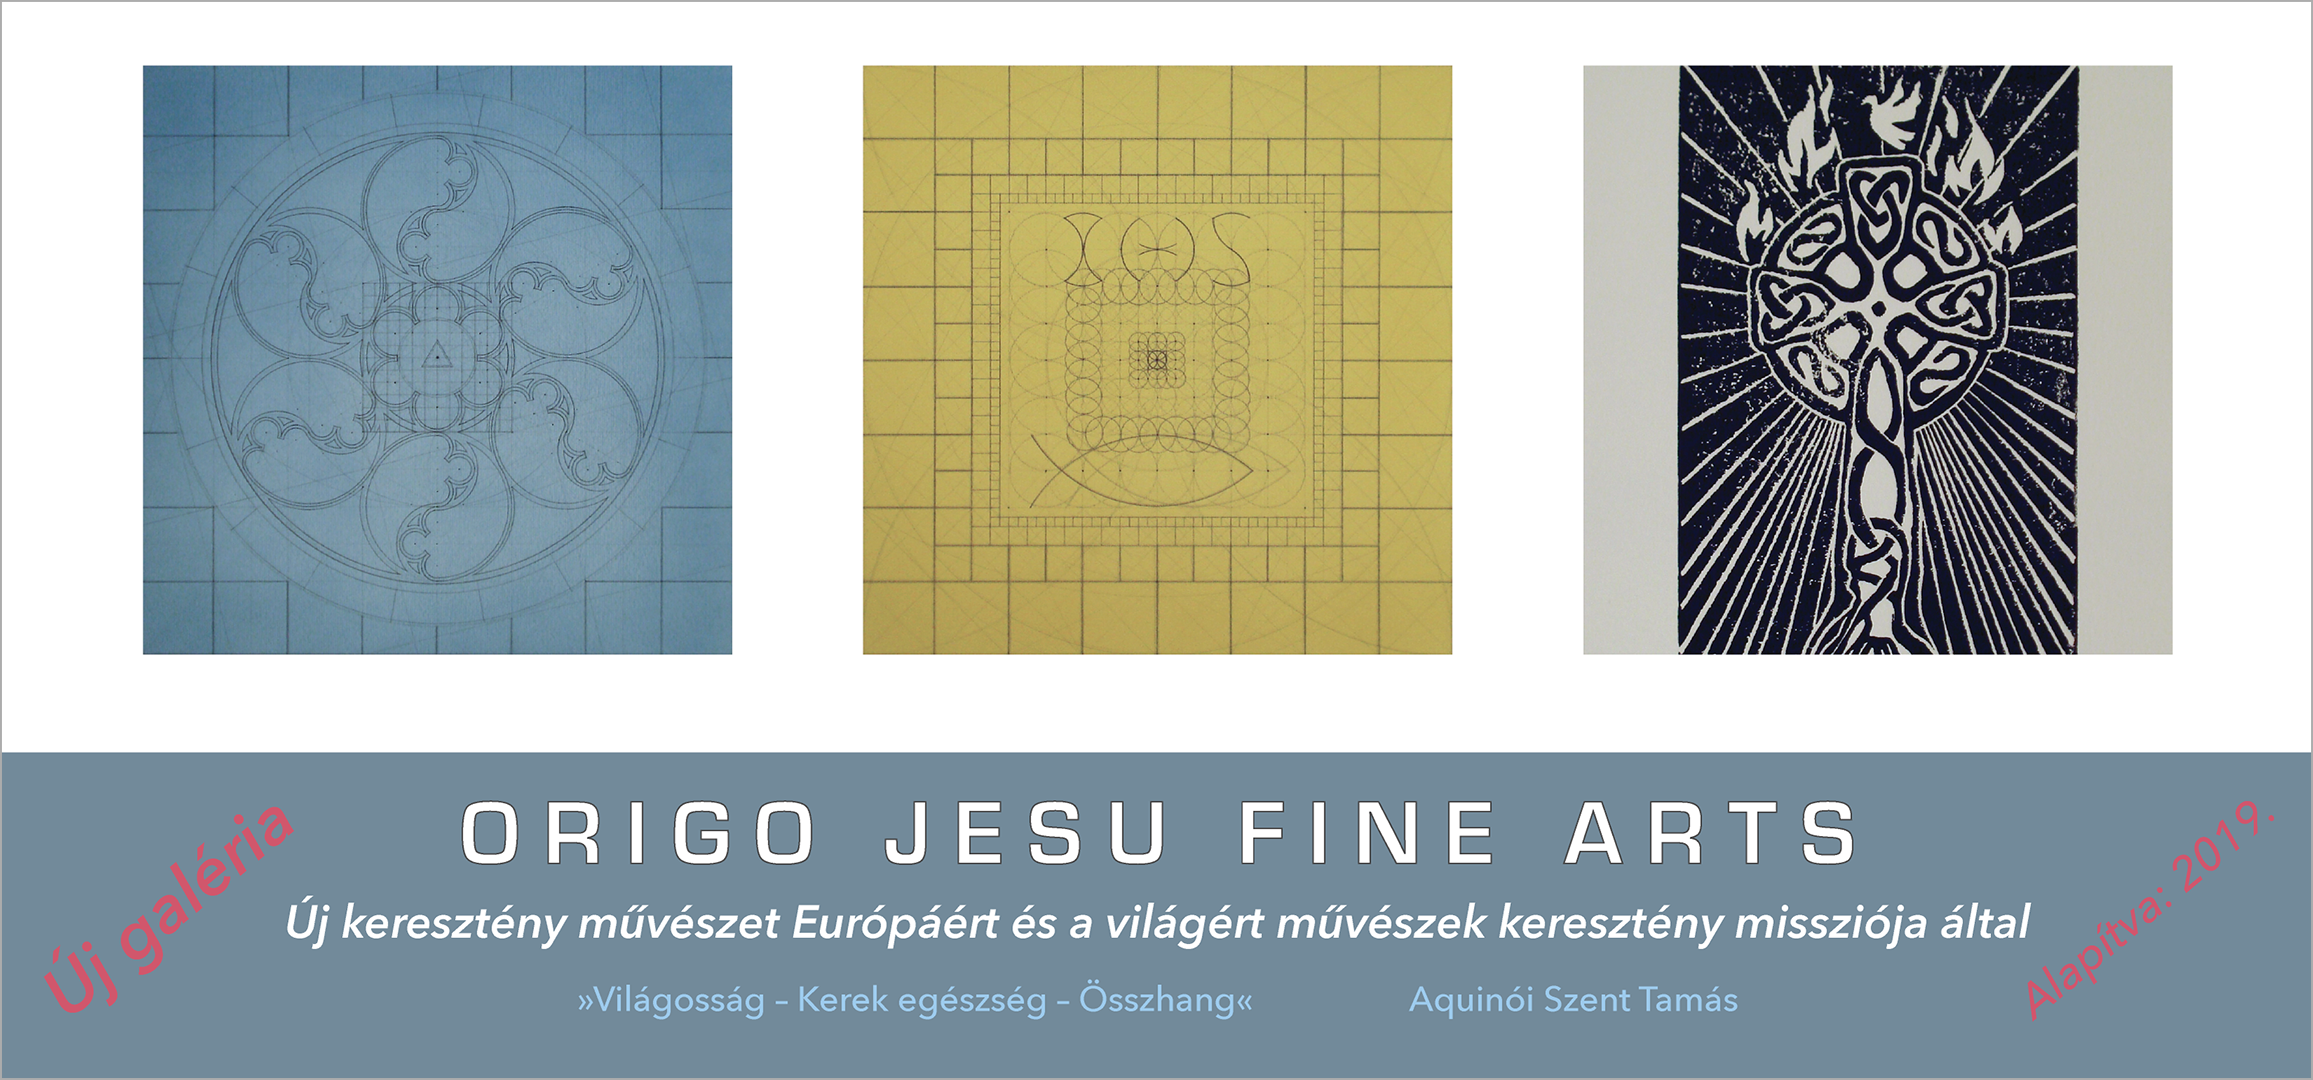 origo-jesu-invitation-card-a4_2019.04.22_h-front_2313-fr.png